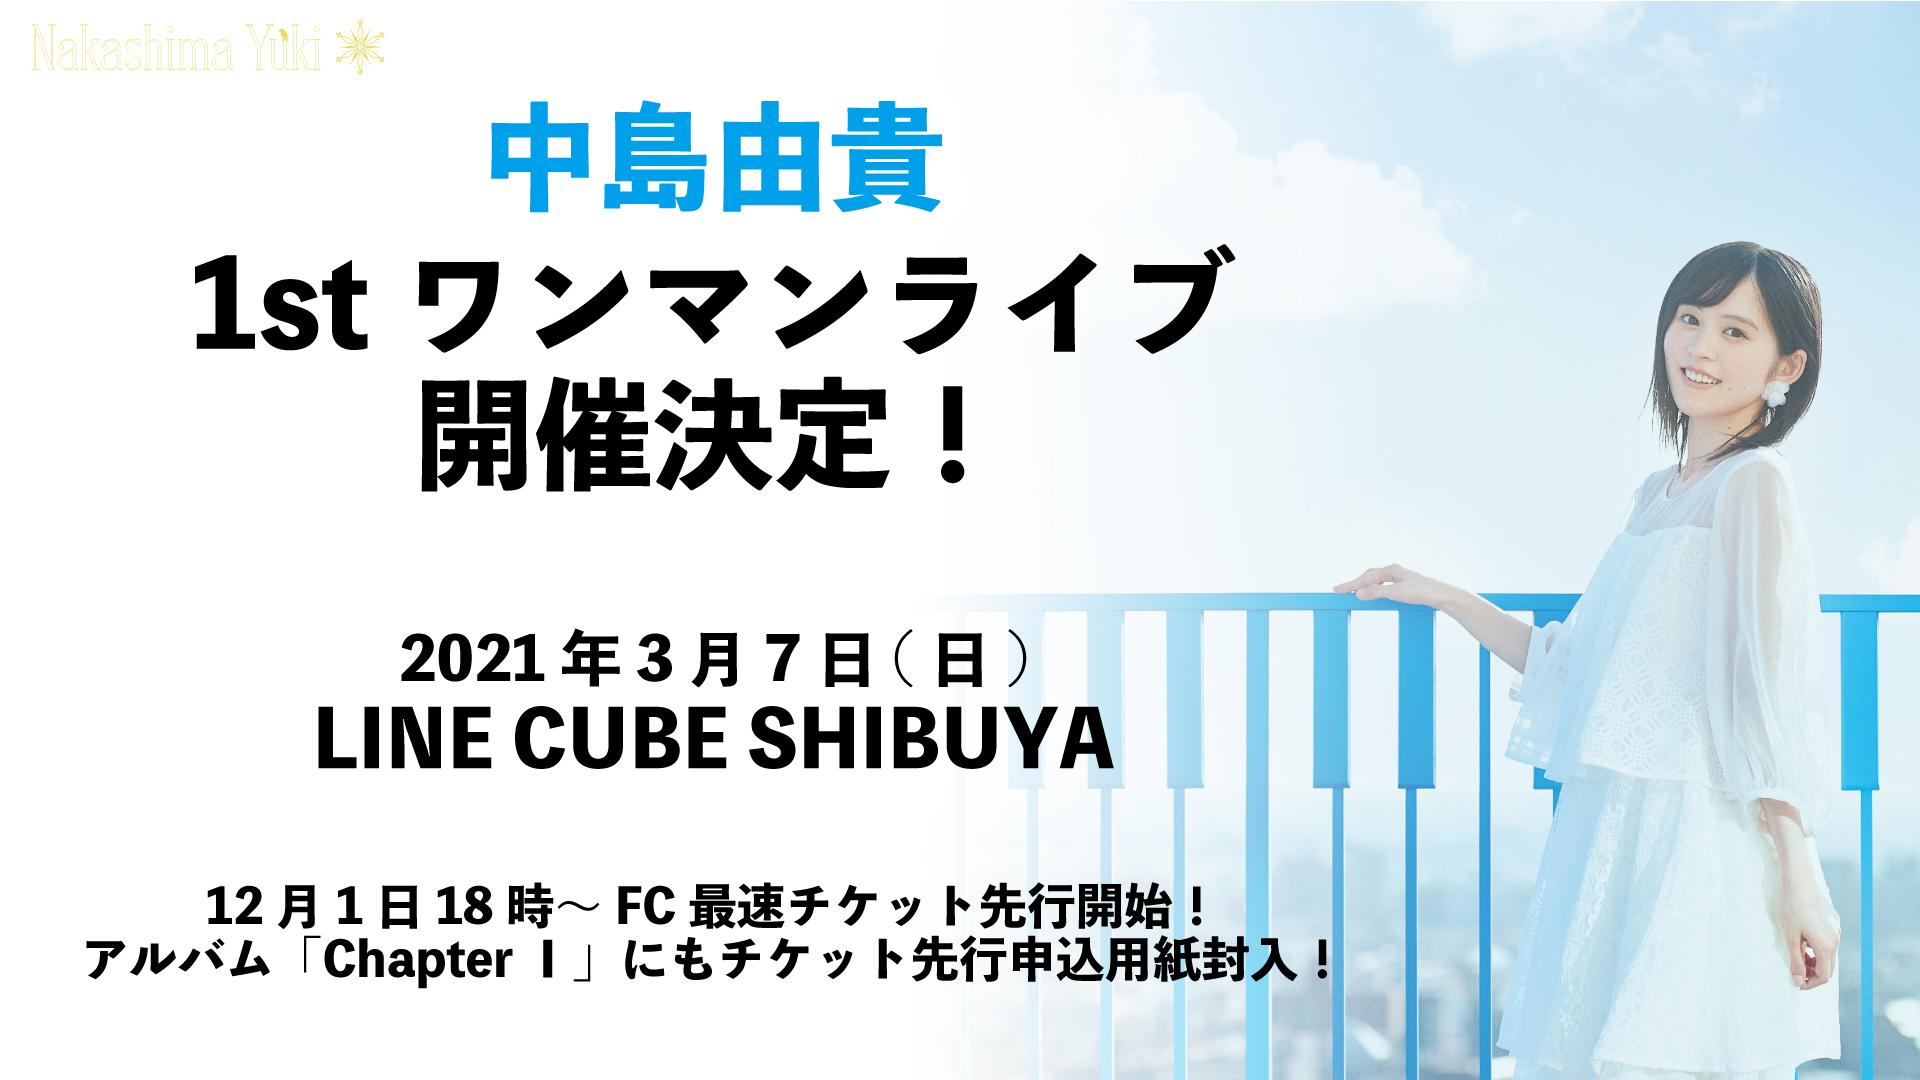 【中島由貴】1stワンマンライブ開催決定!